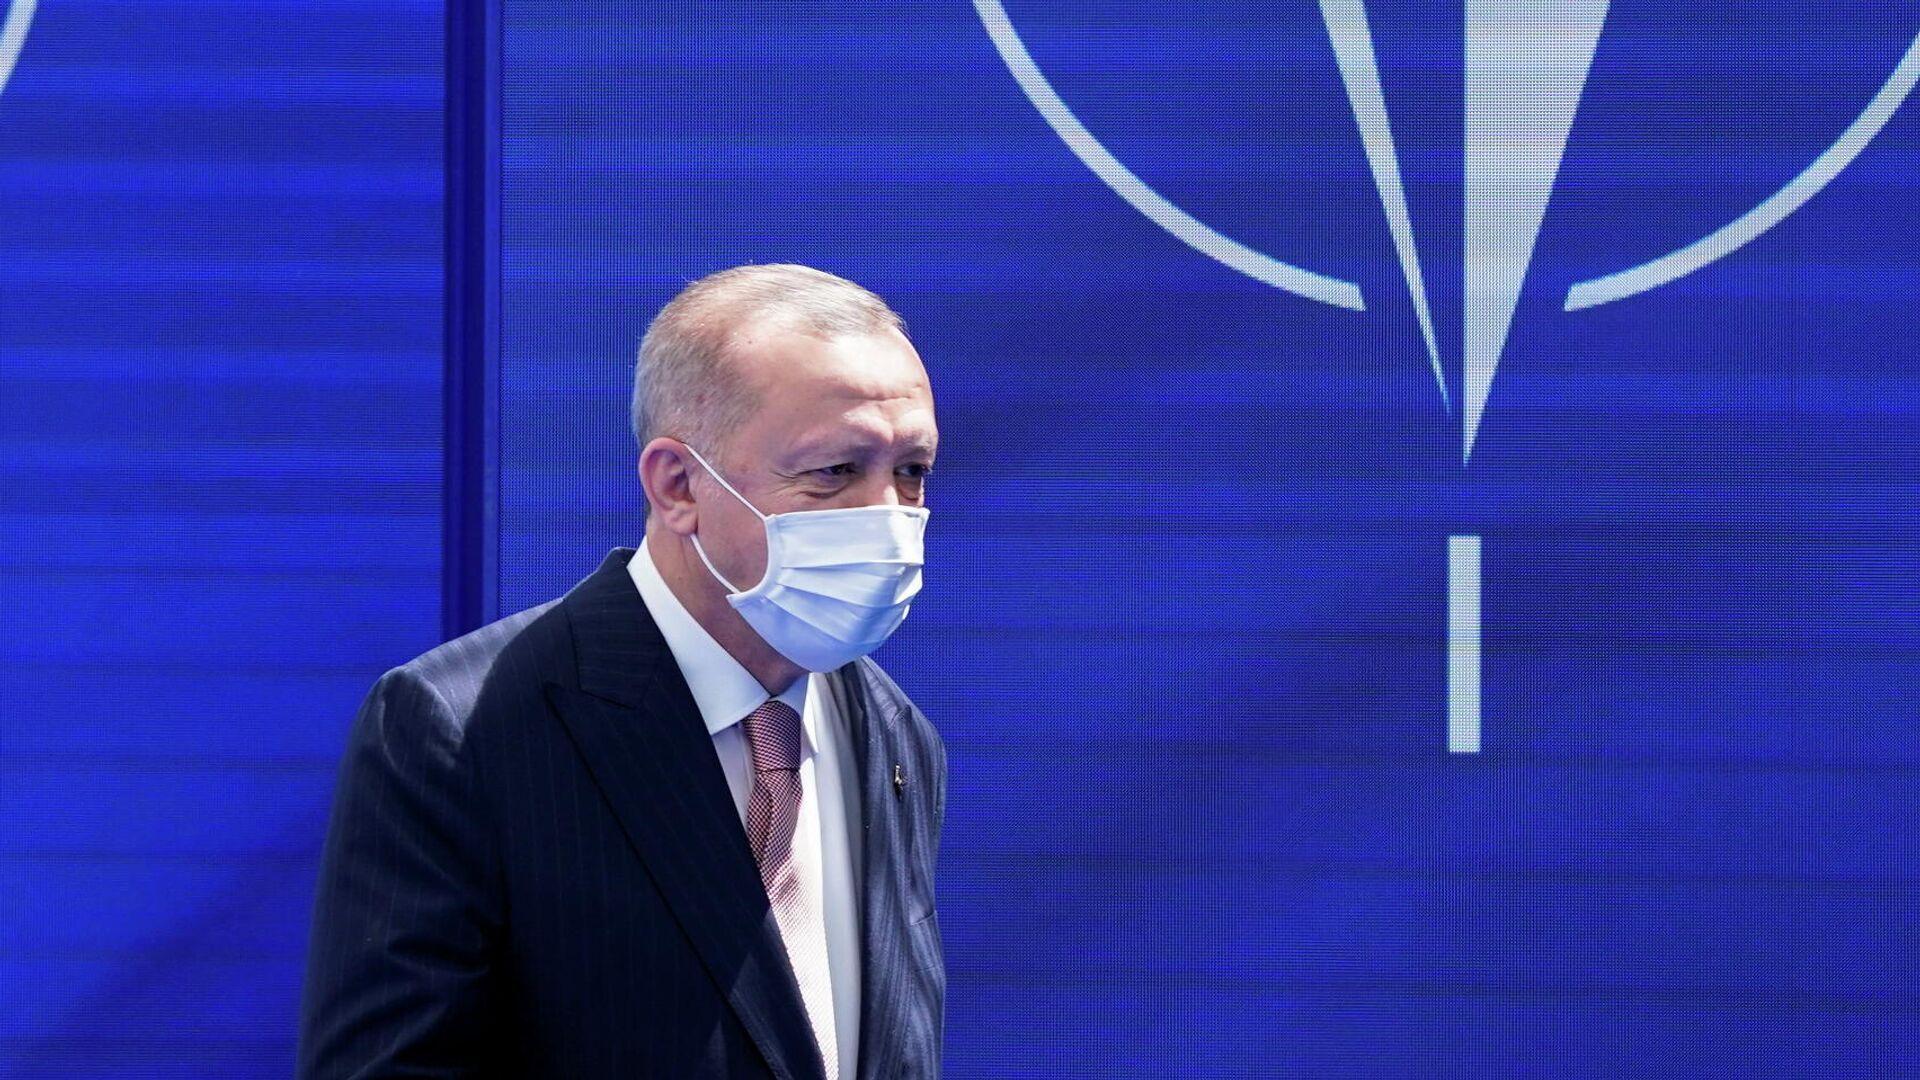 Президент Турции Реджеп Тайип Эрдоган на саммите НАТО в штаб-квартире в Брюсселе - РИА Новости, 1920, 21.07.2021